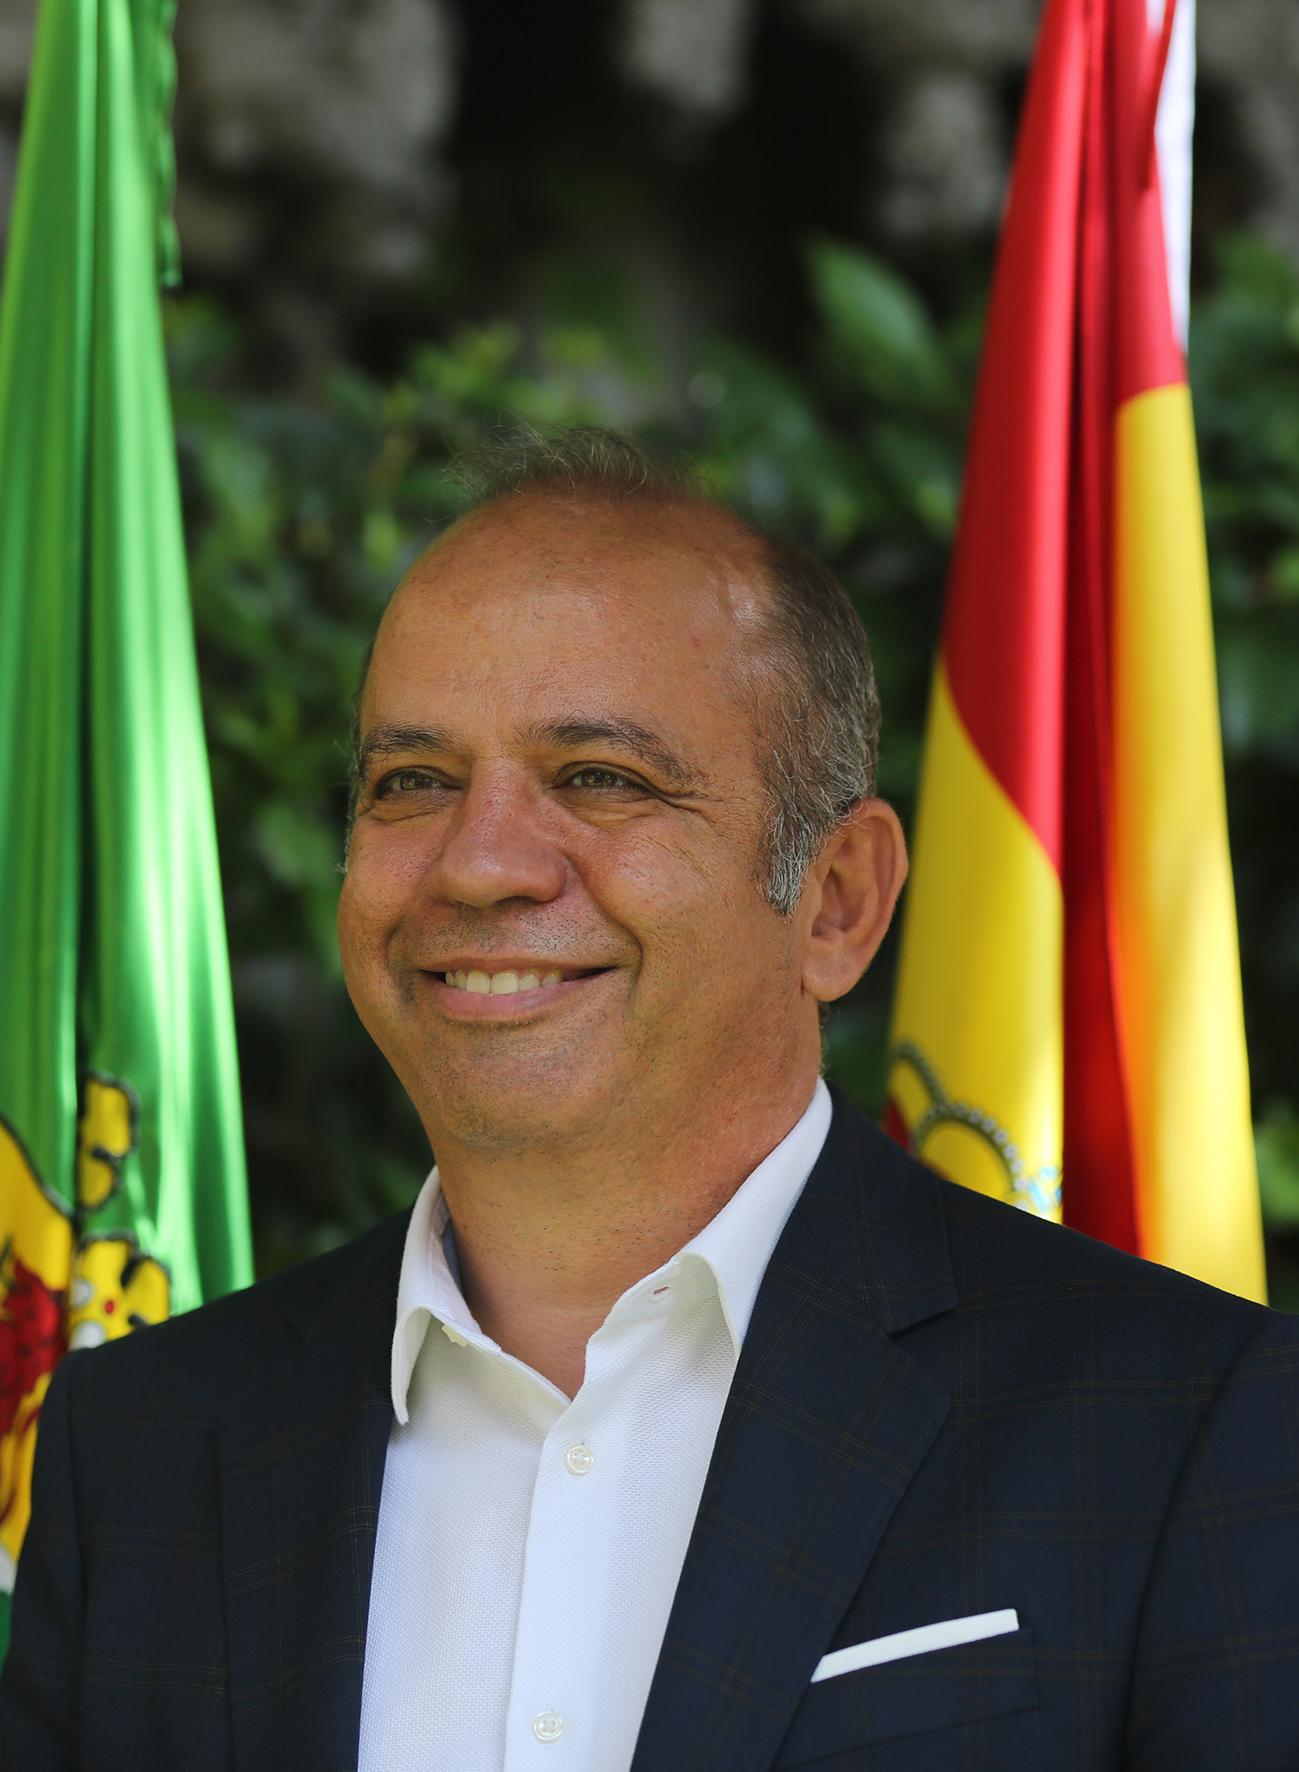 Santos Jorna Escobero - Diputado de Innovación y provincia digital